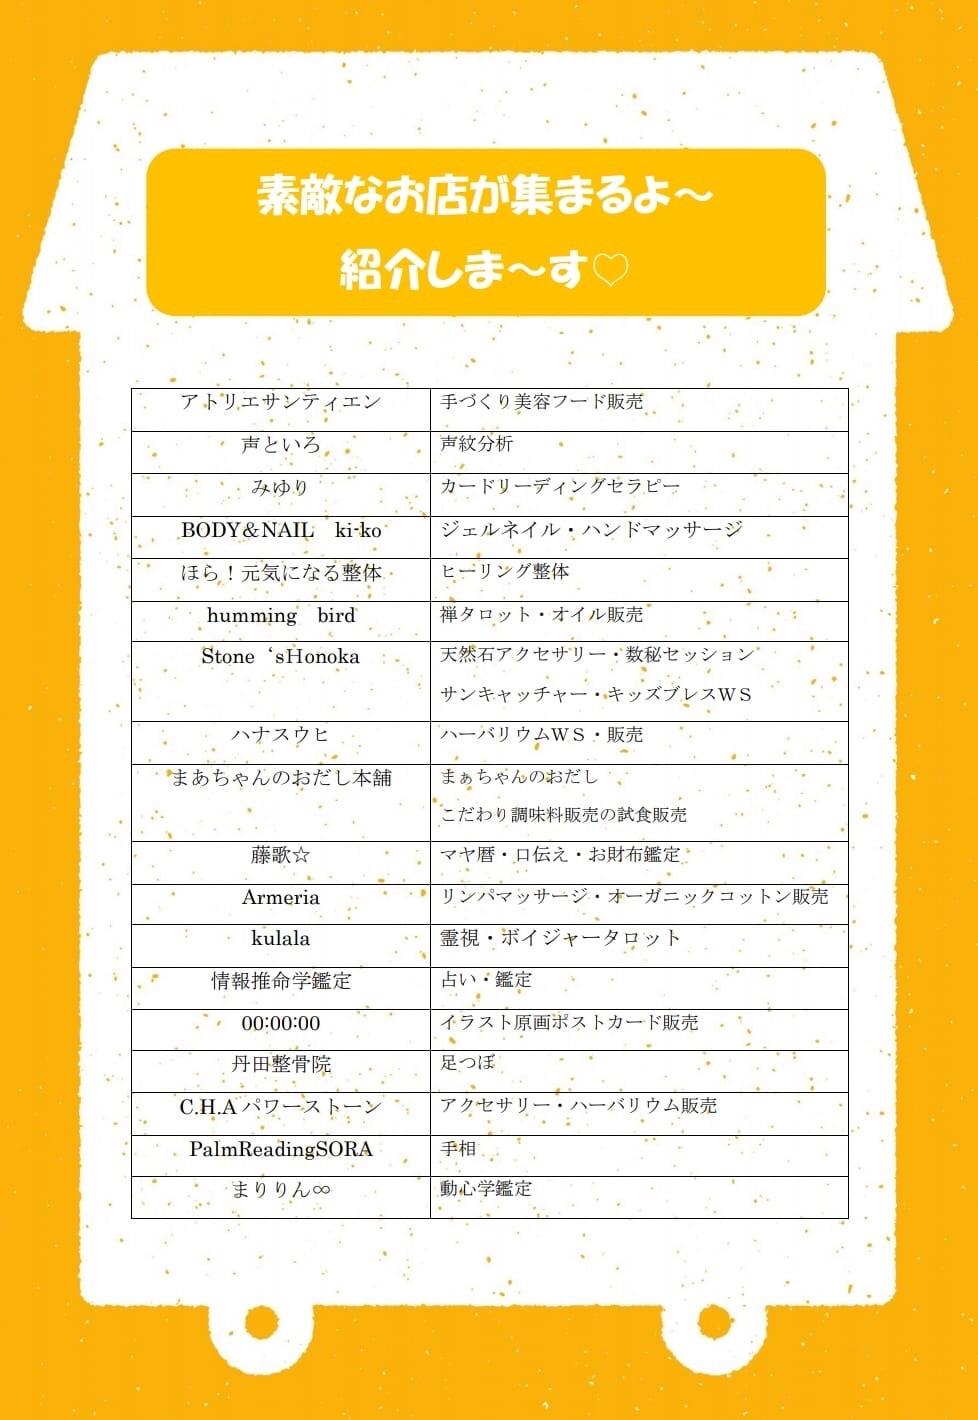 f:id:hana_su-hi:20180809130049j:image